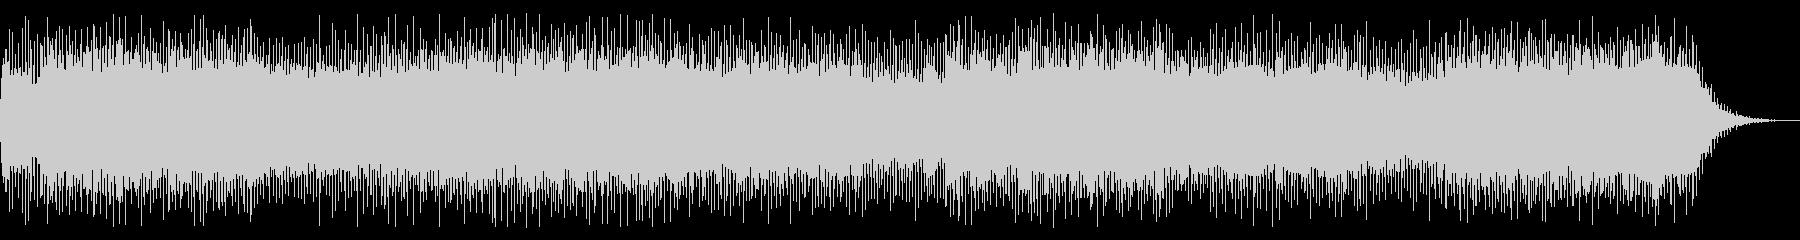 シンセとヴァイオリンとピアノのバトル曲の未再生の波形